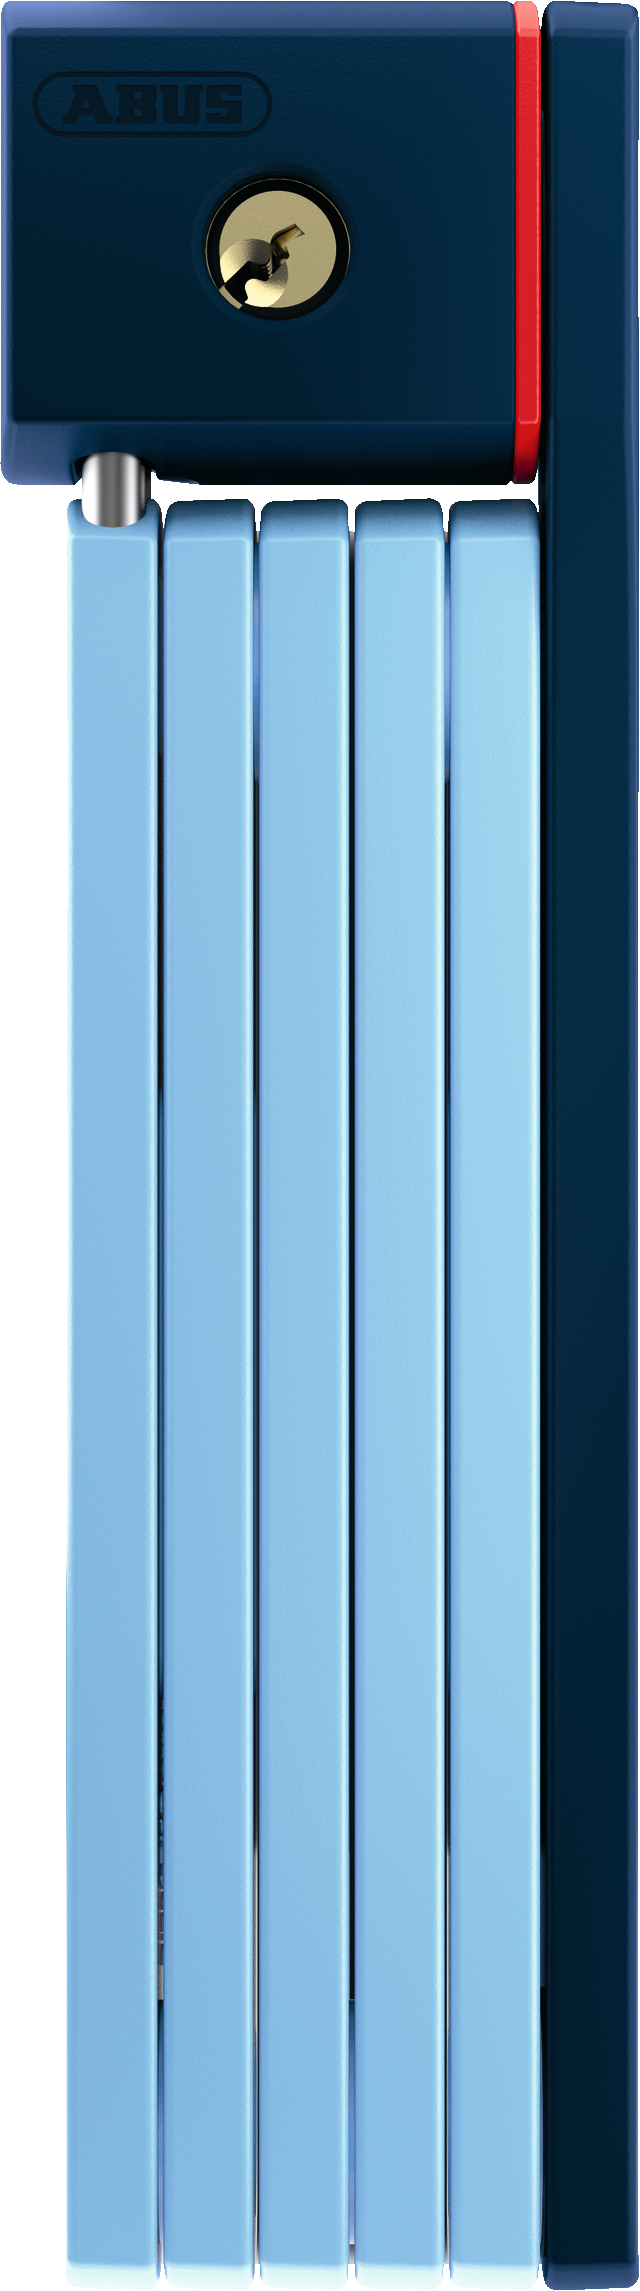 Faltschloss 5700/80 core blue SH